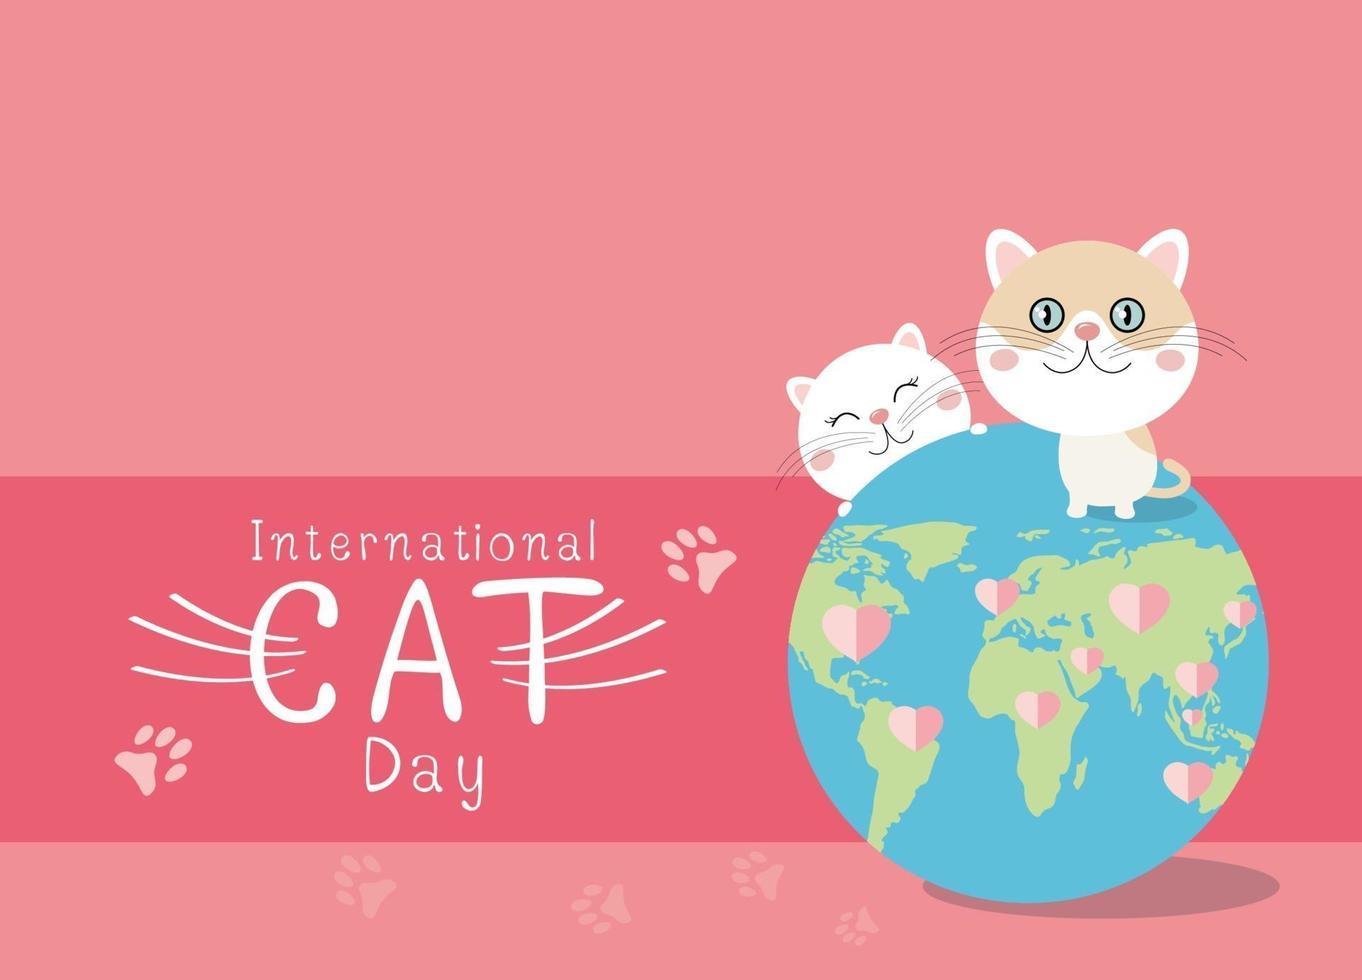 conception de jour de chat international sur illustration vectorielle fond rose vecteur